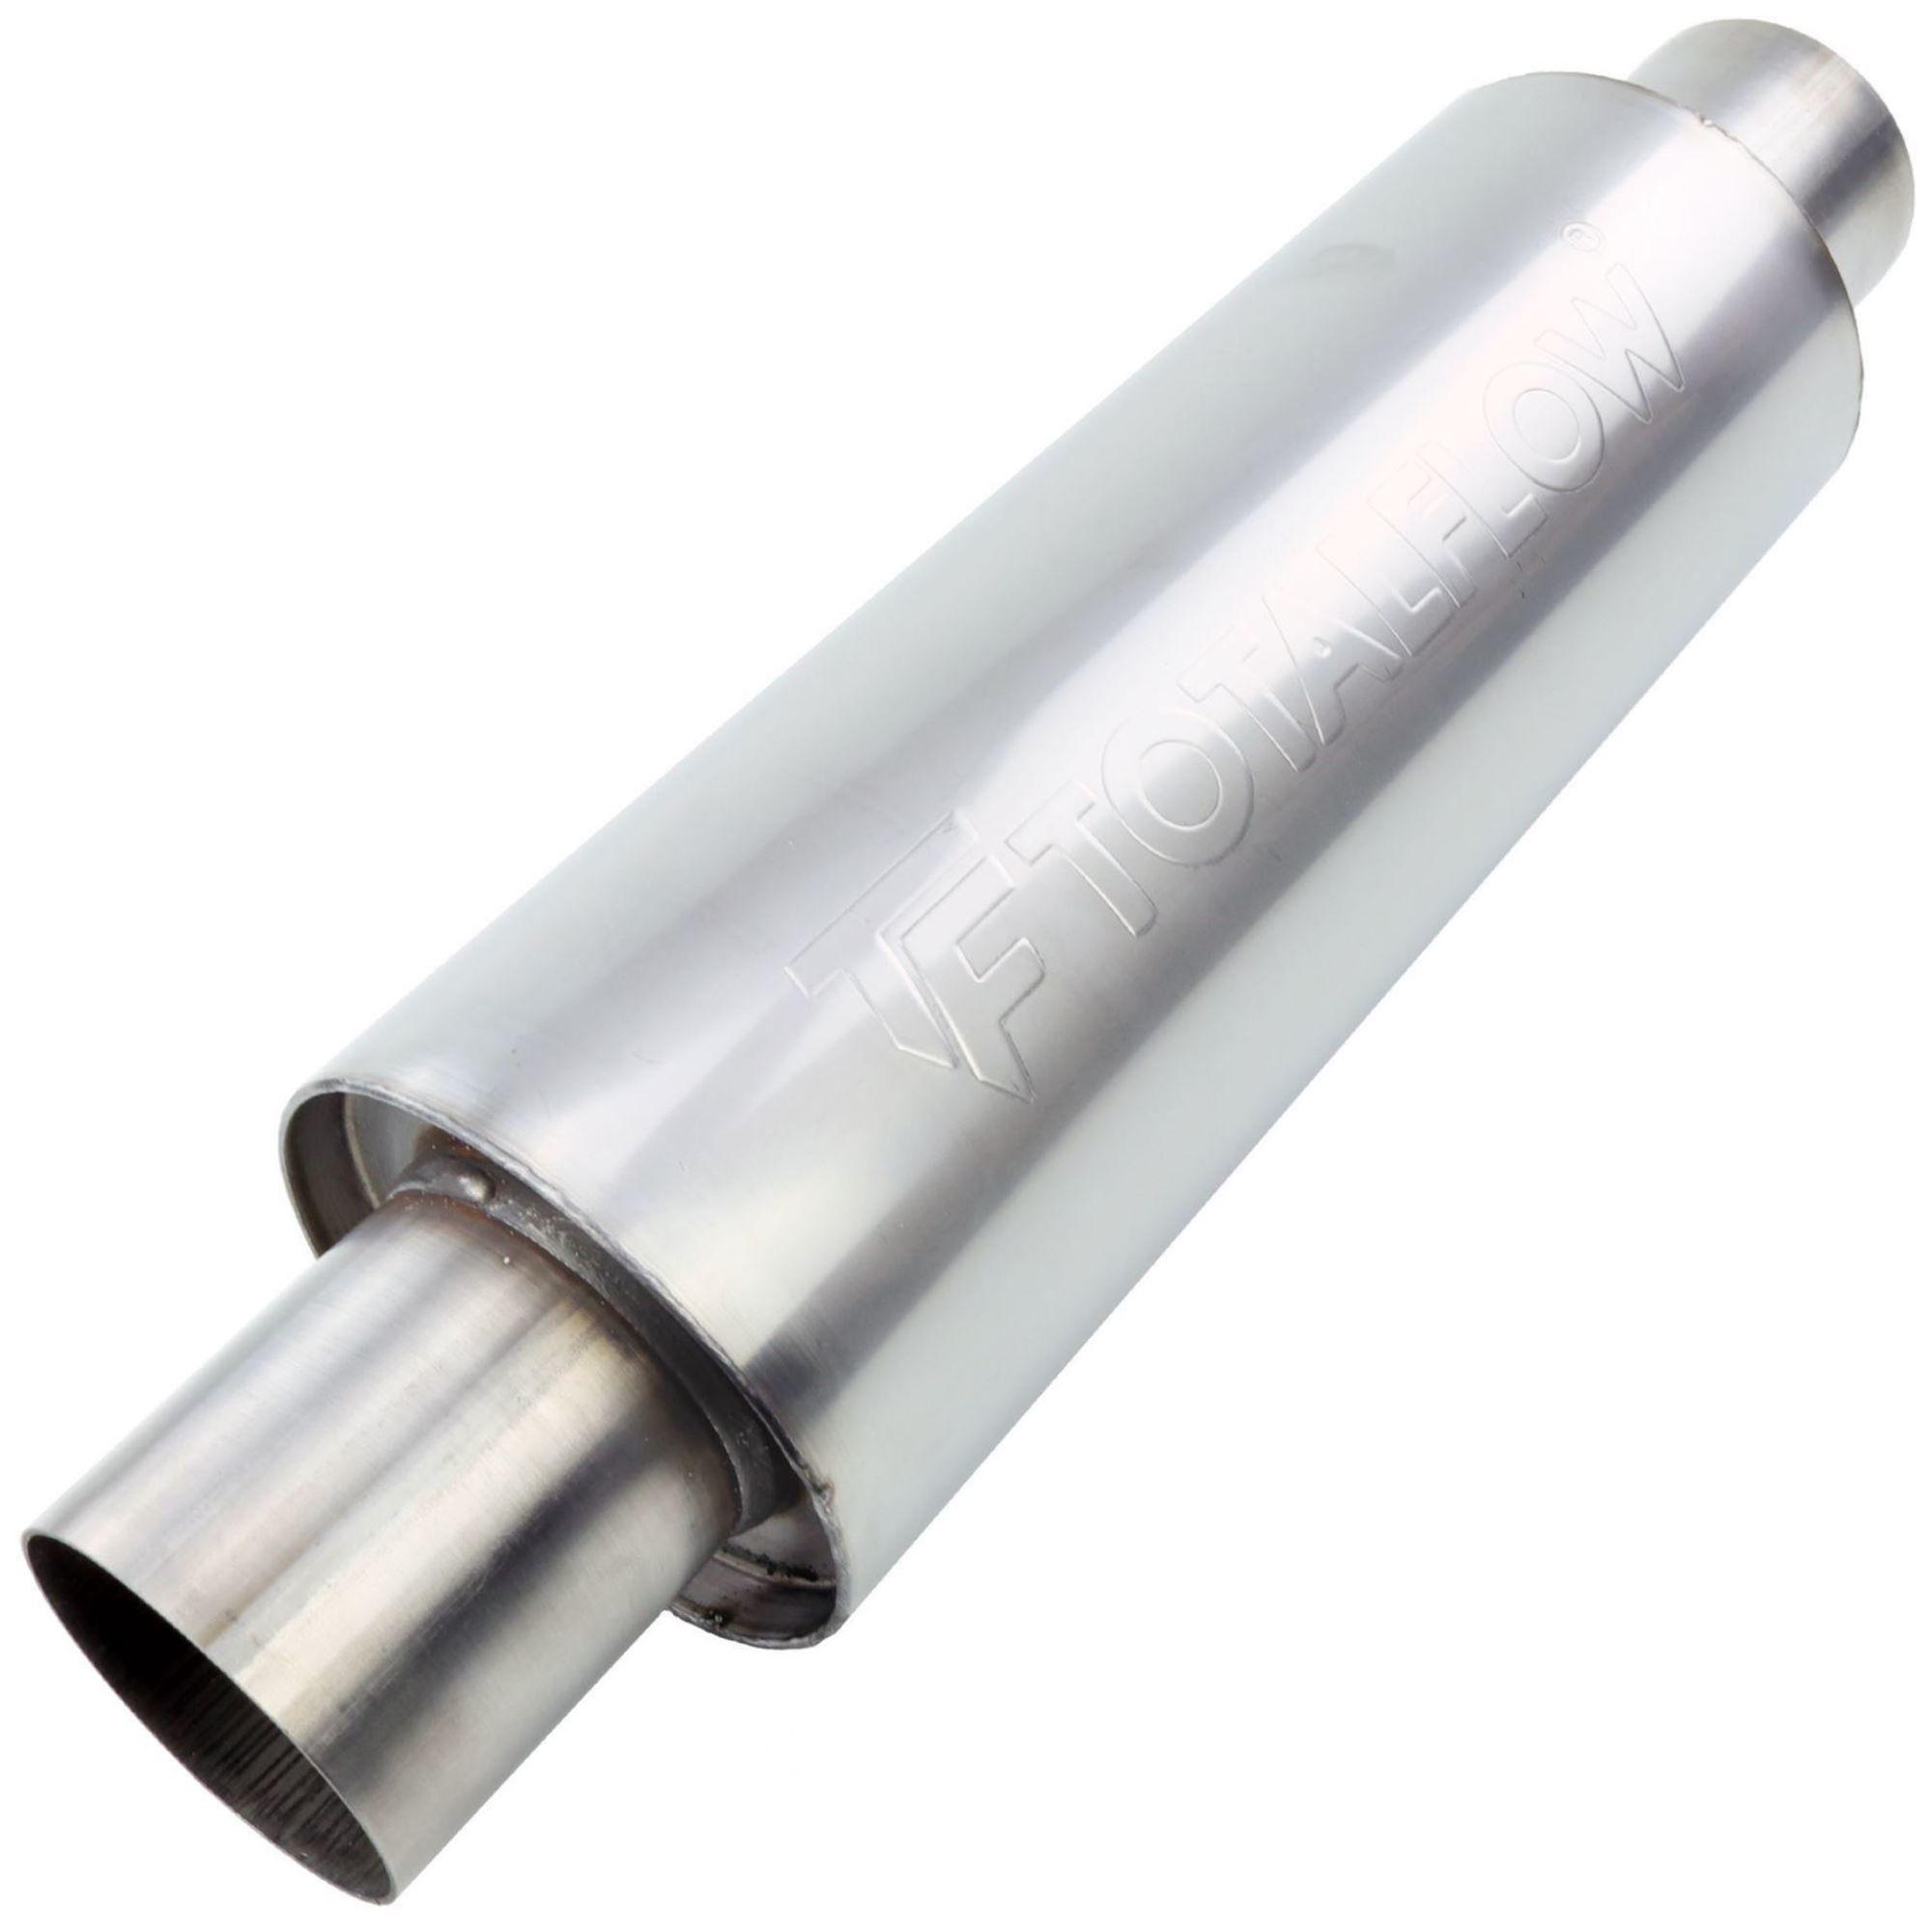 TOTALFLOW 22419 Straight Through Universal Exhaust Muffler - 3 Inch ID